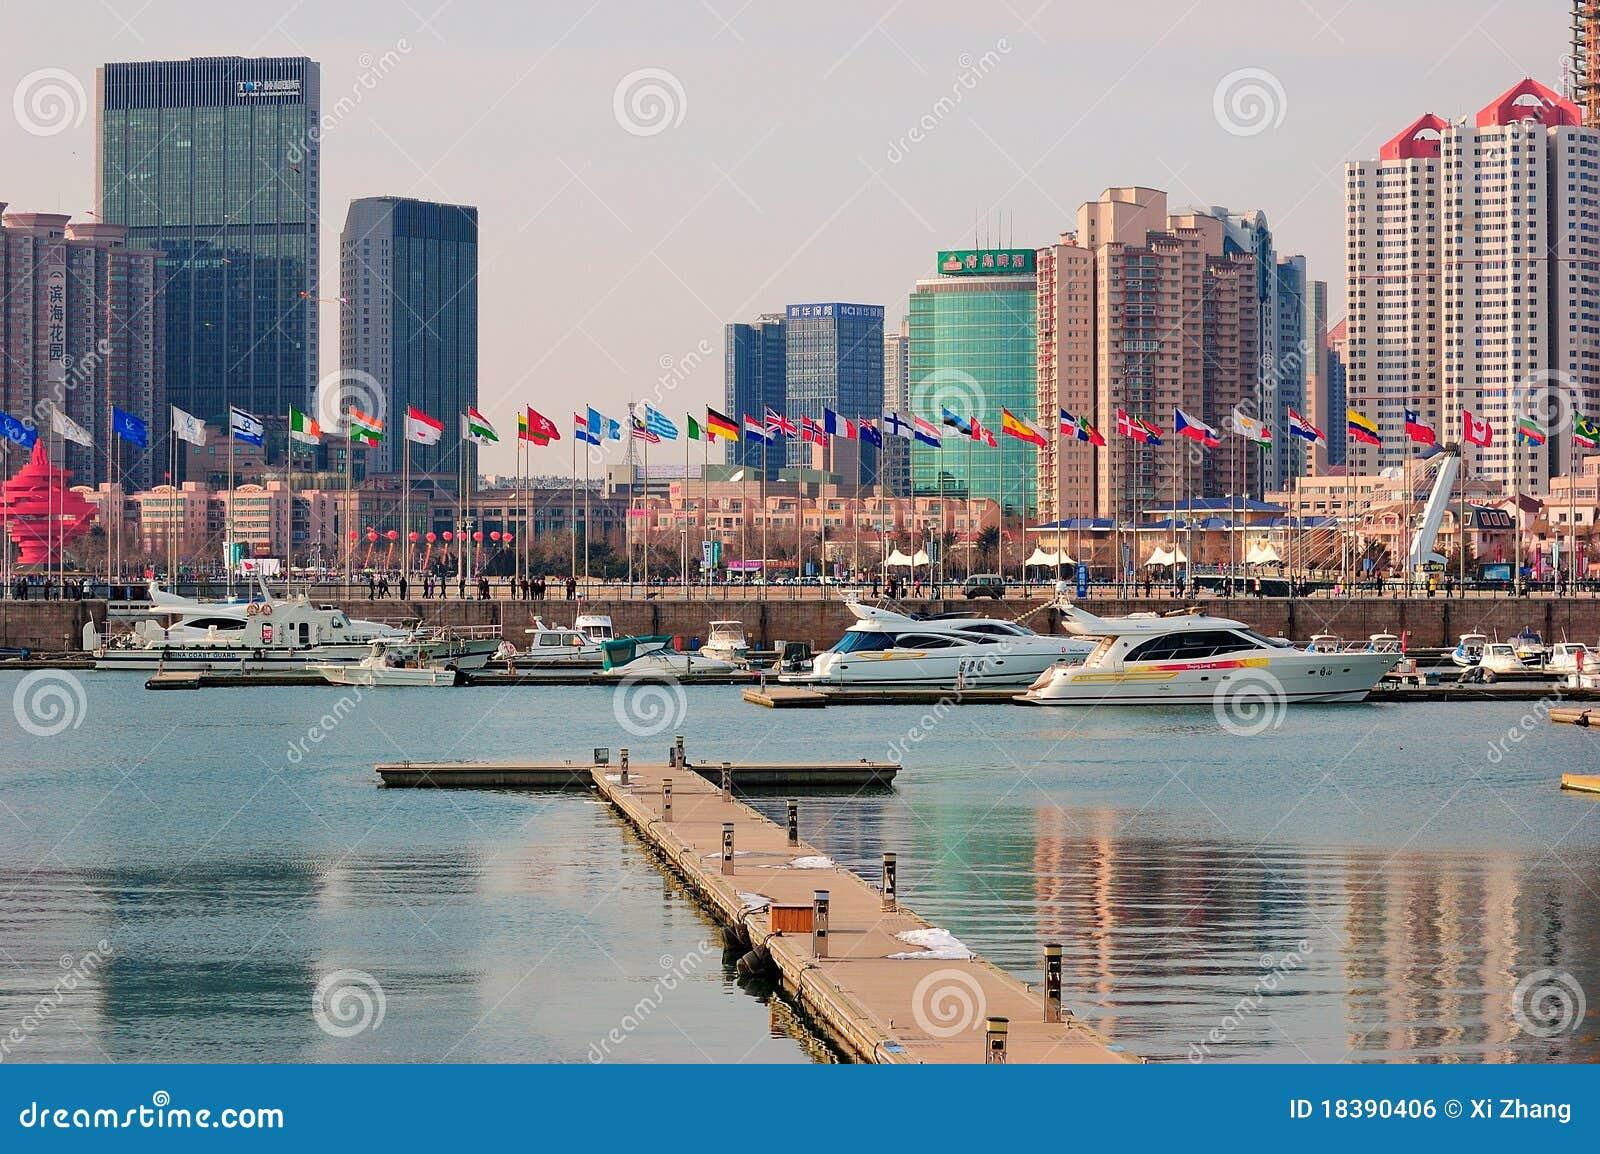 China Qingdao city Yacht Marina